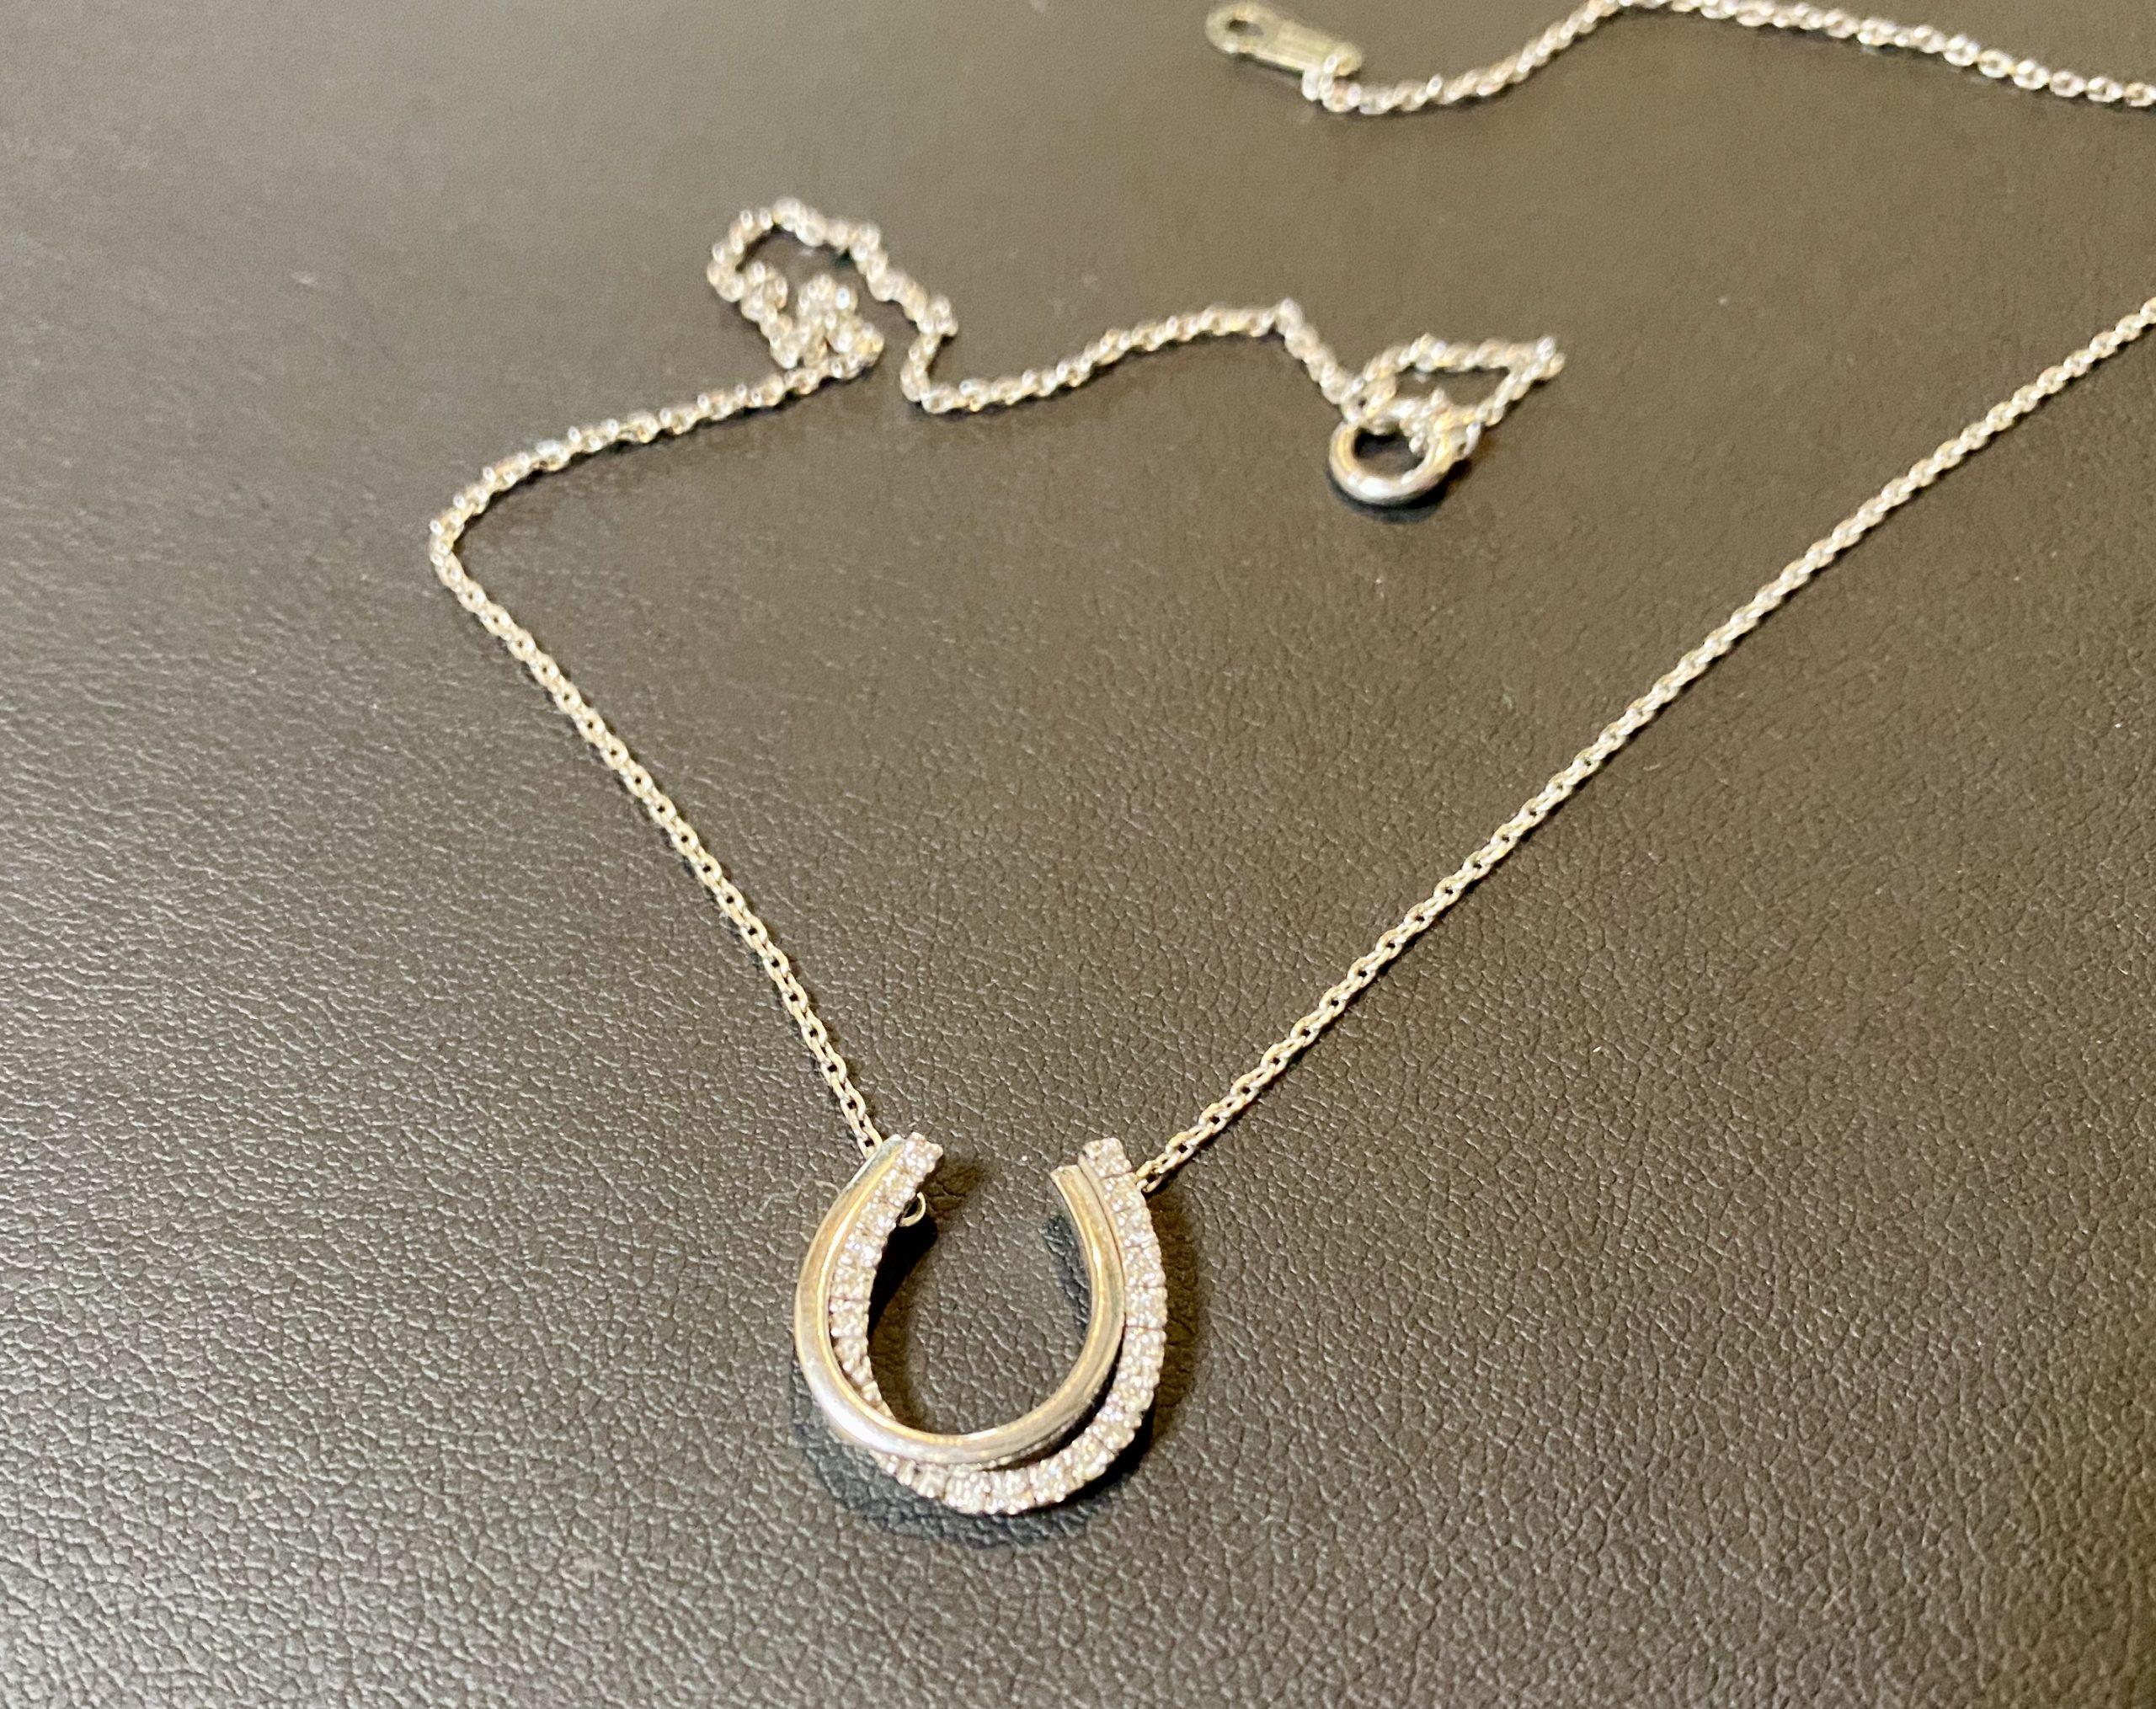 金(ホワイトゴールド,K18WG)ヴァンドーム青山 ダイヤモンドネックレスをお買取させていただきました。